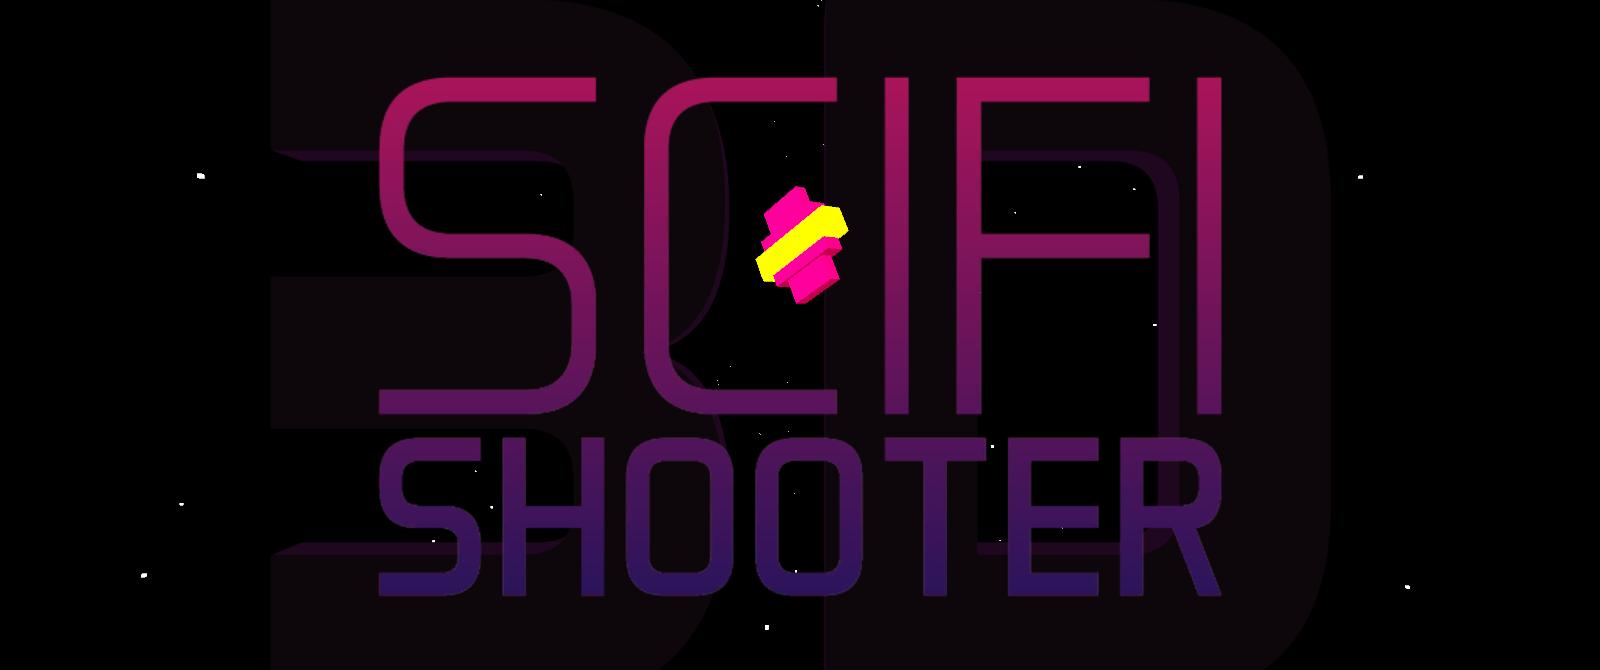 Scifi Shooter 3D